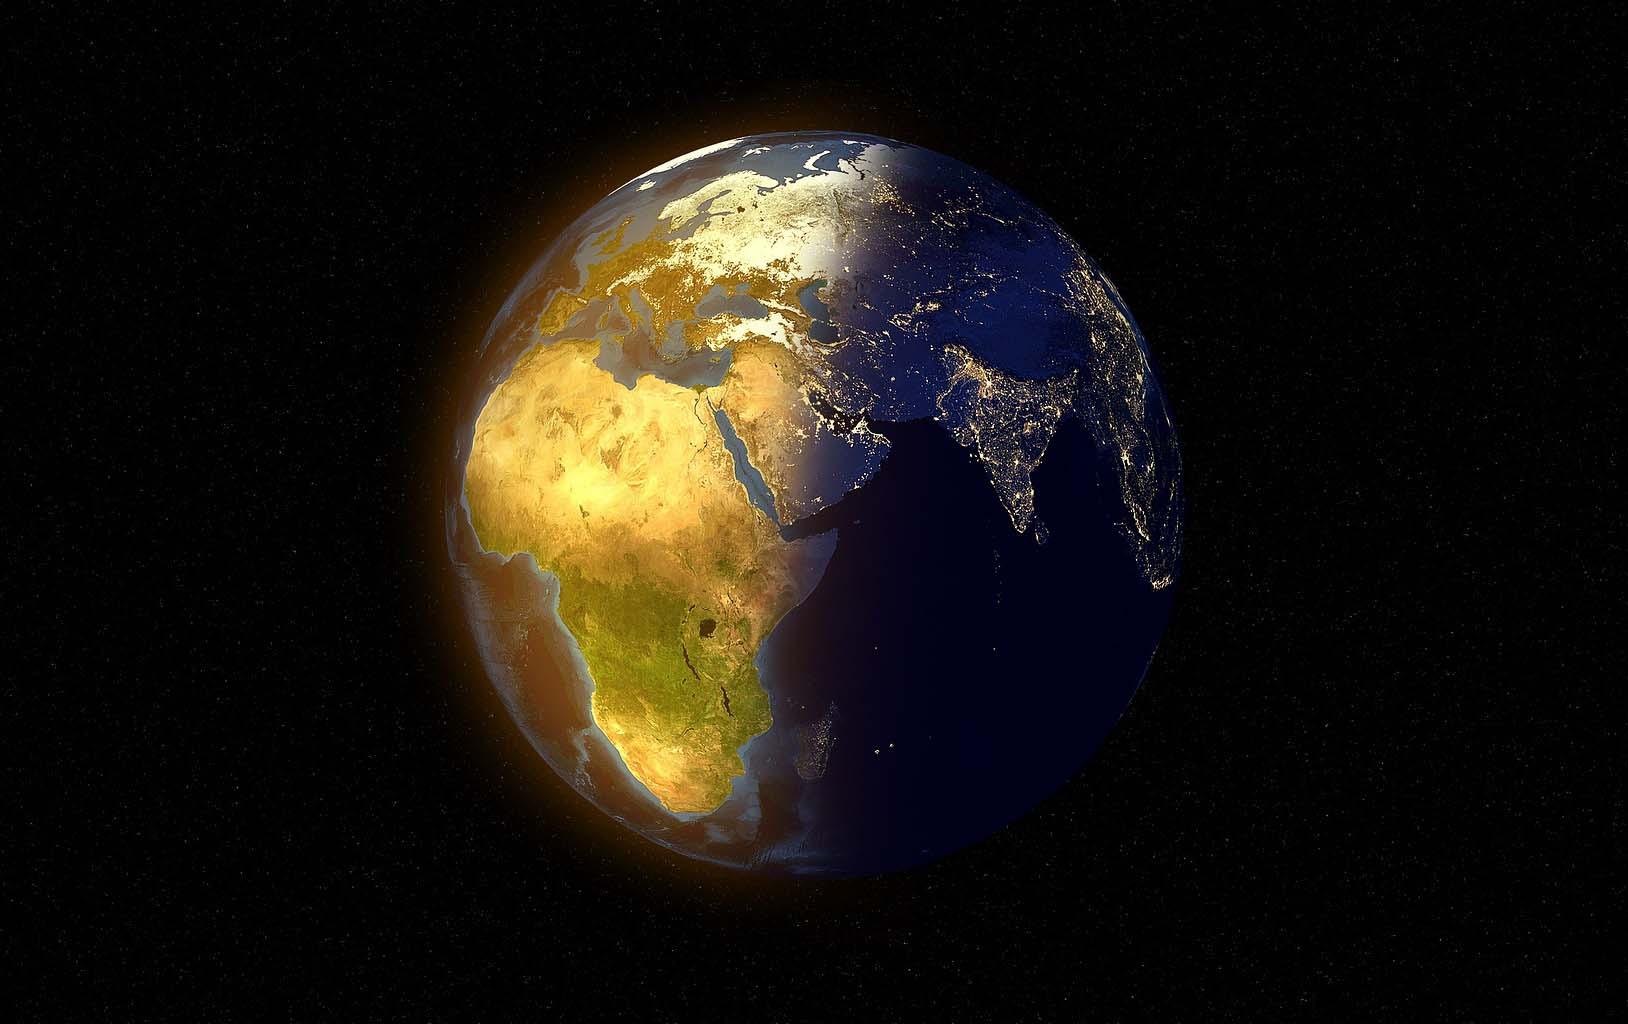 Preserviamo il Pianeta, festeggiamo la Terra. Il 22 aprile è l'Earth Day